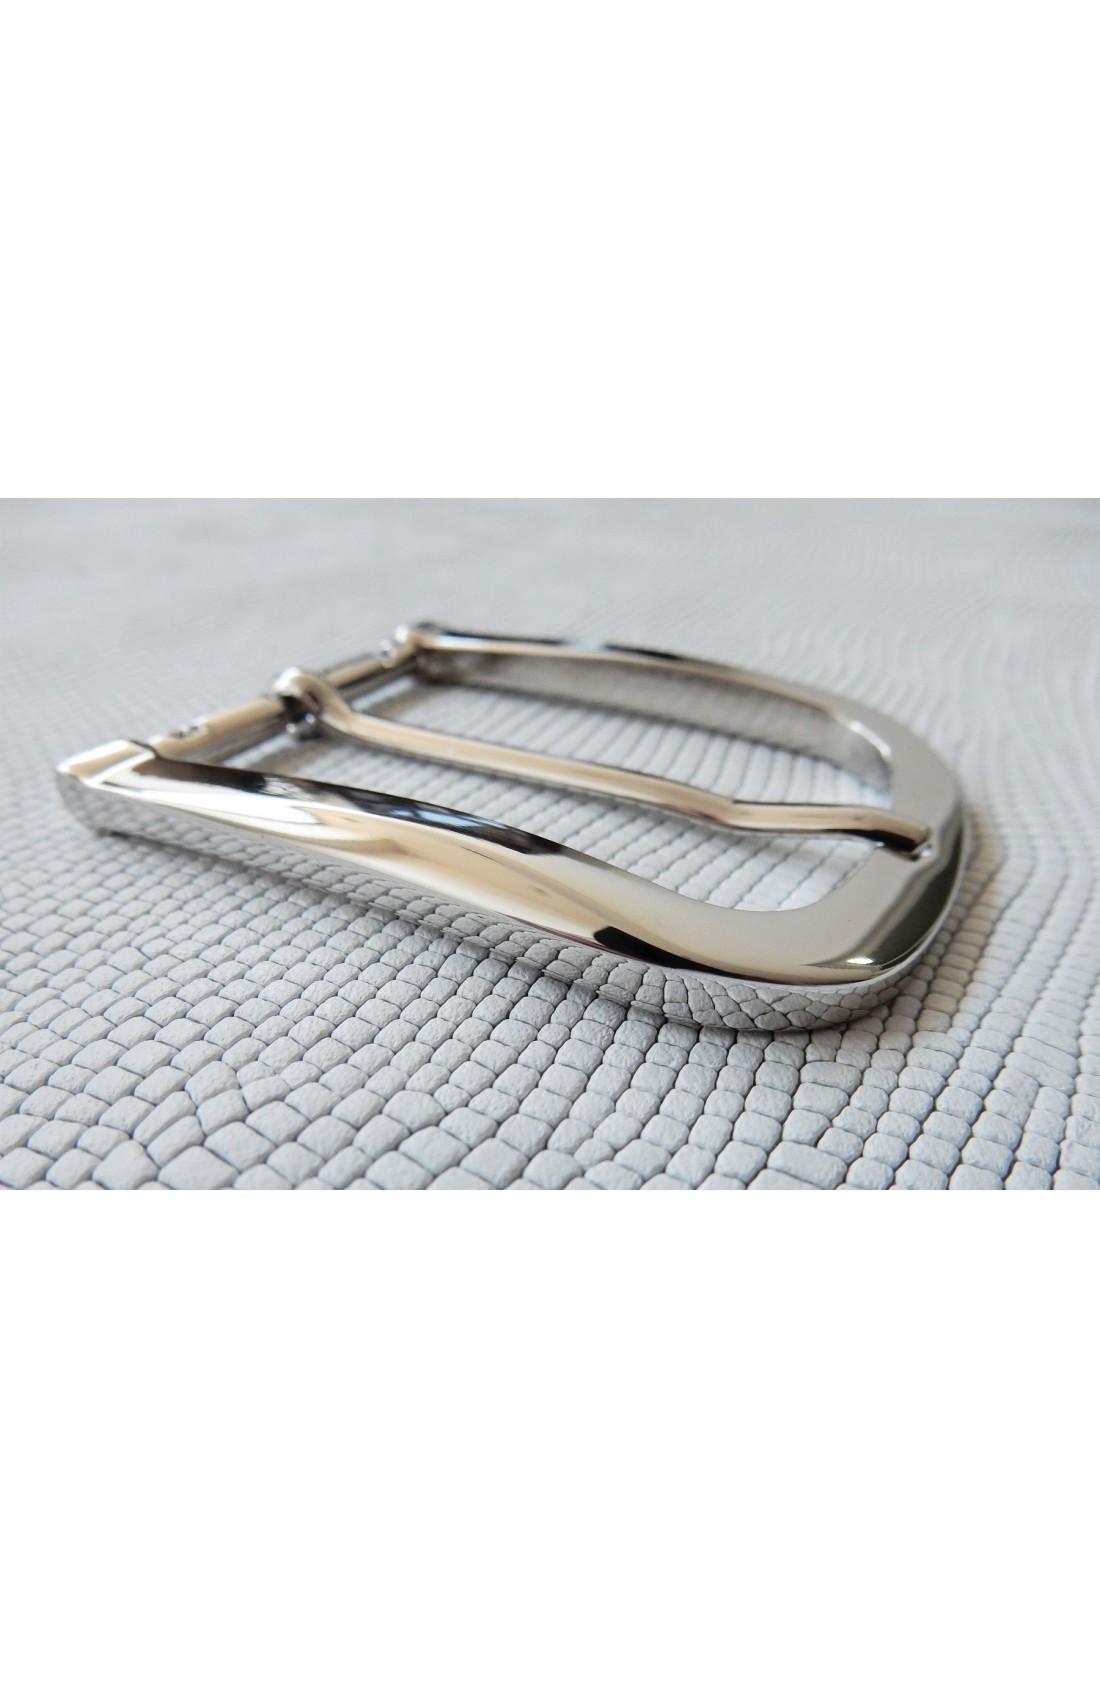 Fibbia Standard N 26 mm.35 nikel free (3)